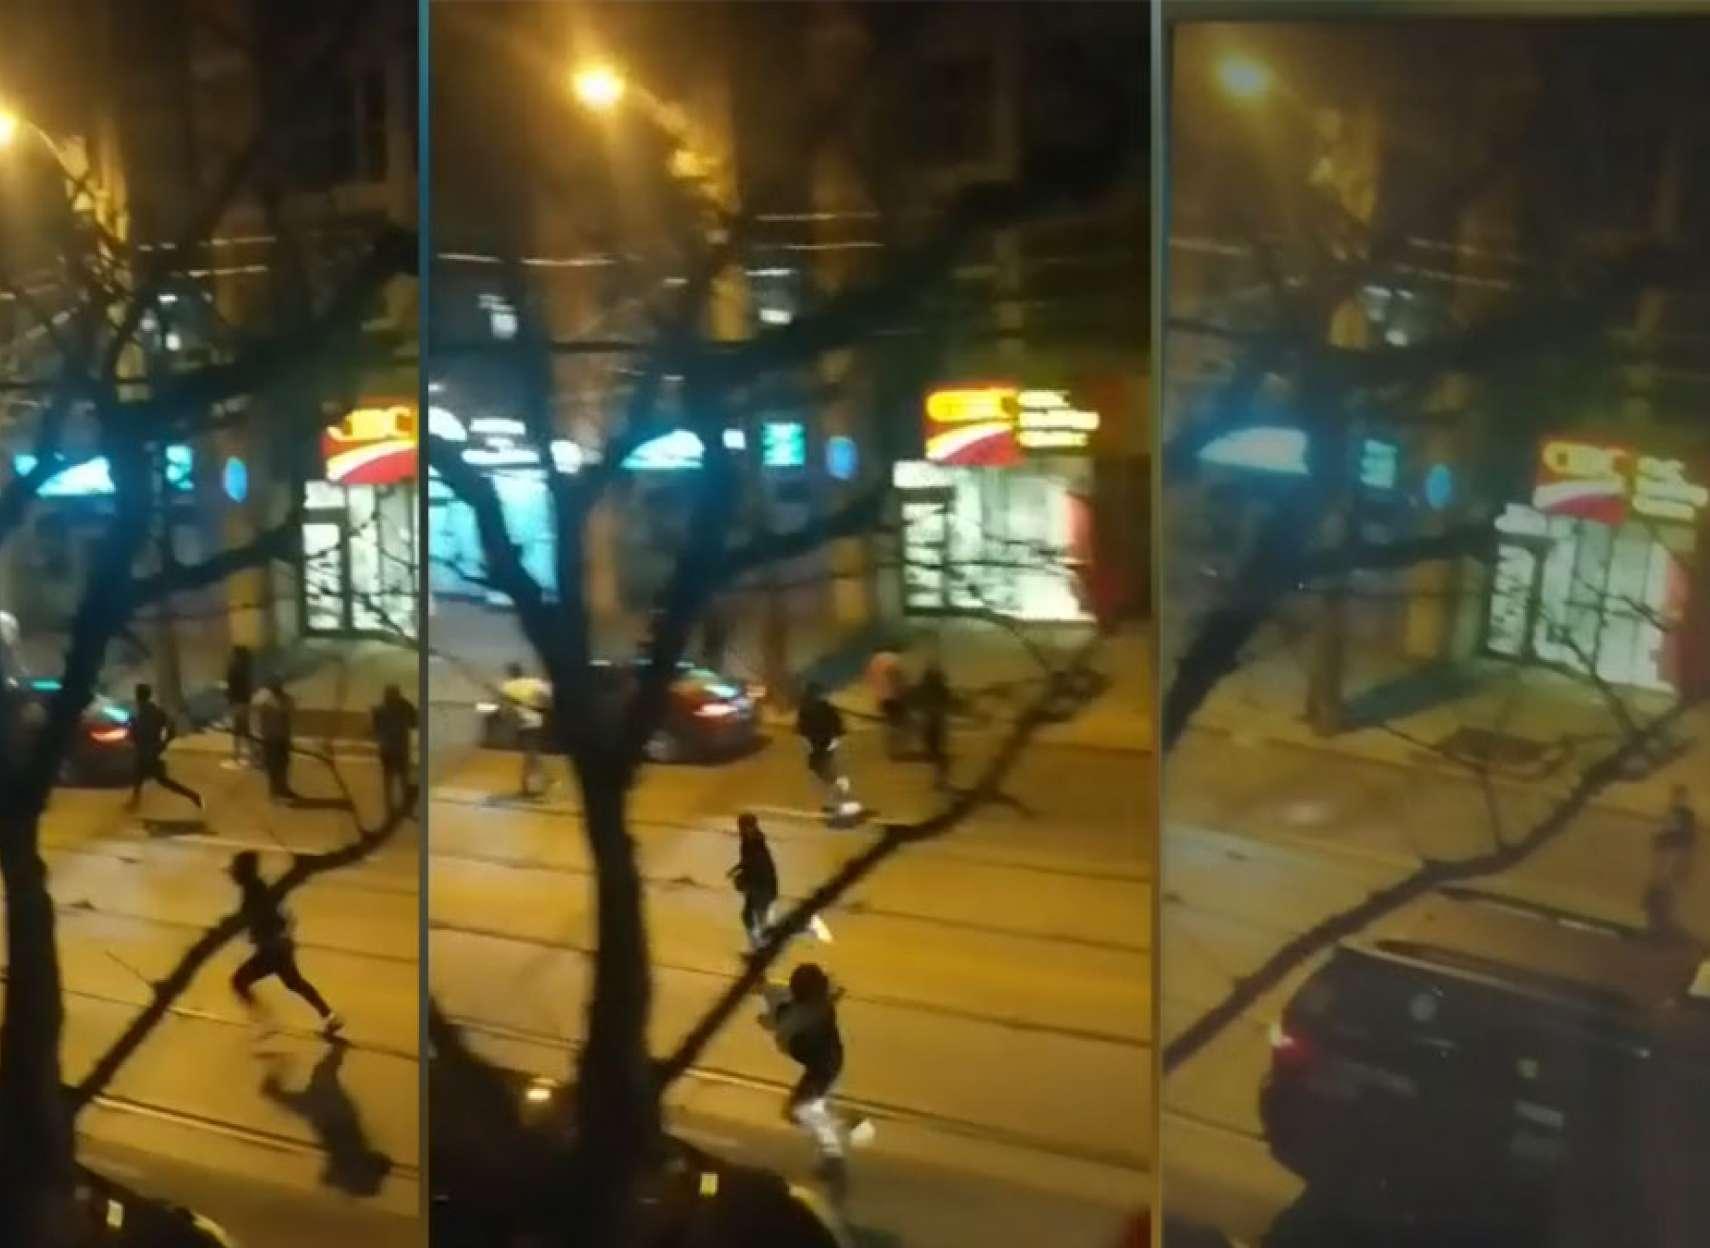 اخبار-تورنتو-حمله-پلیس-به-کرونا-پارتی-فرار-پیاده-در-خیابان-ها-تعقیب-با-چراغ-قوه-پلیس-شد